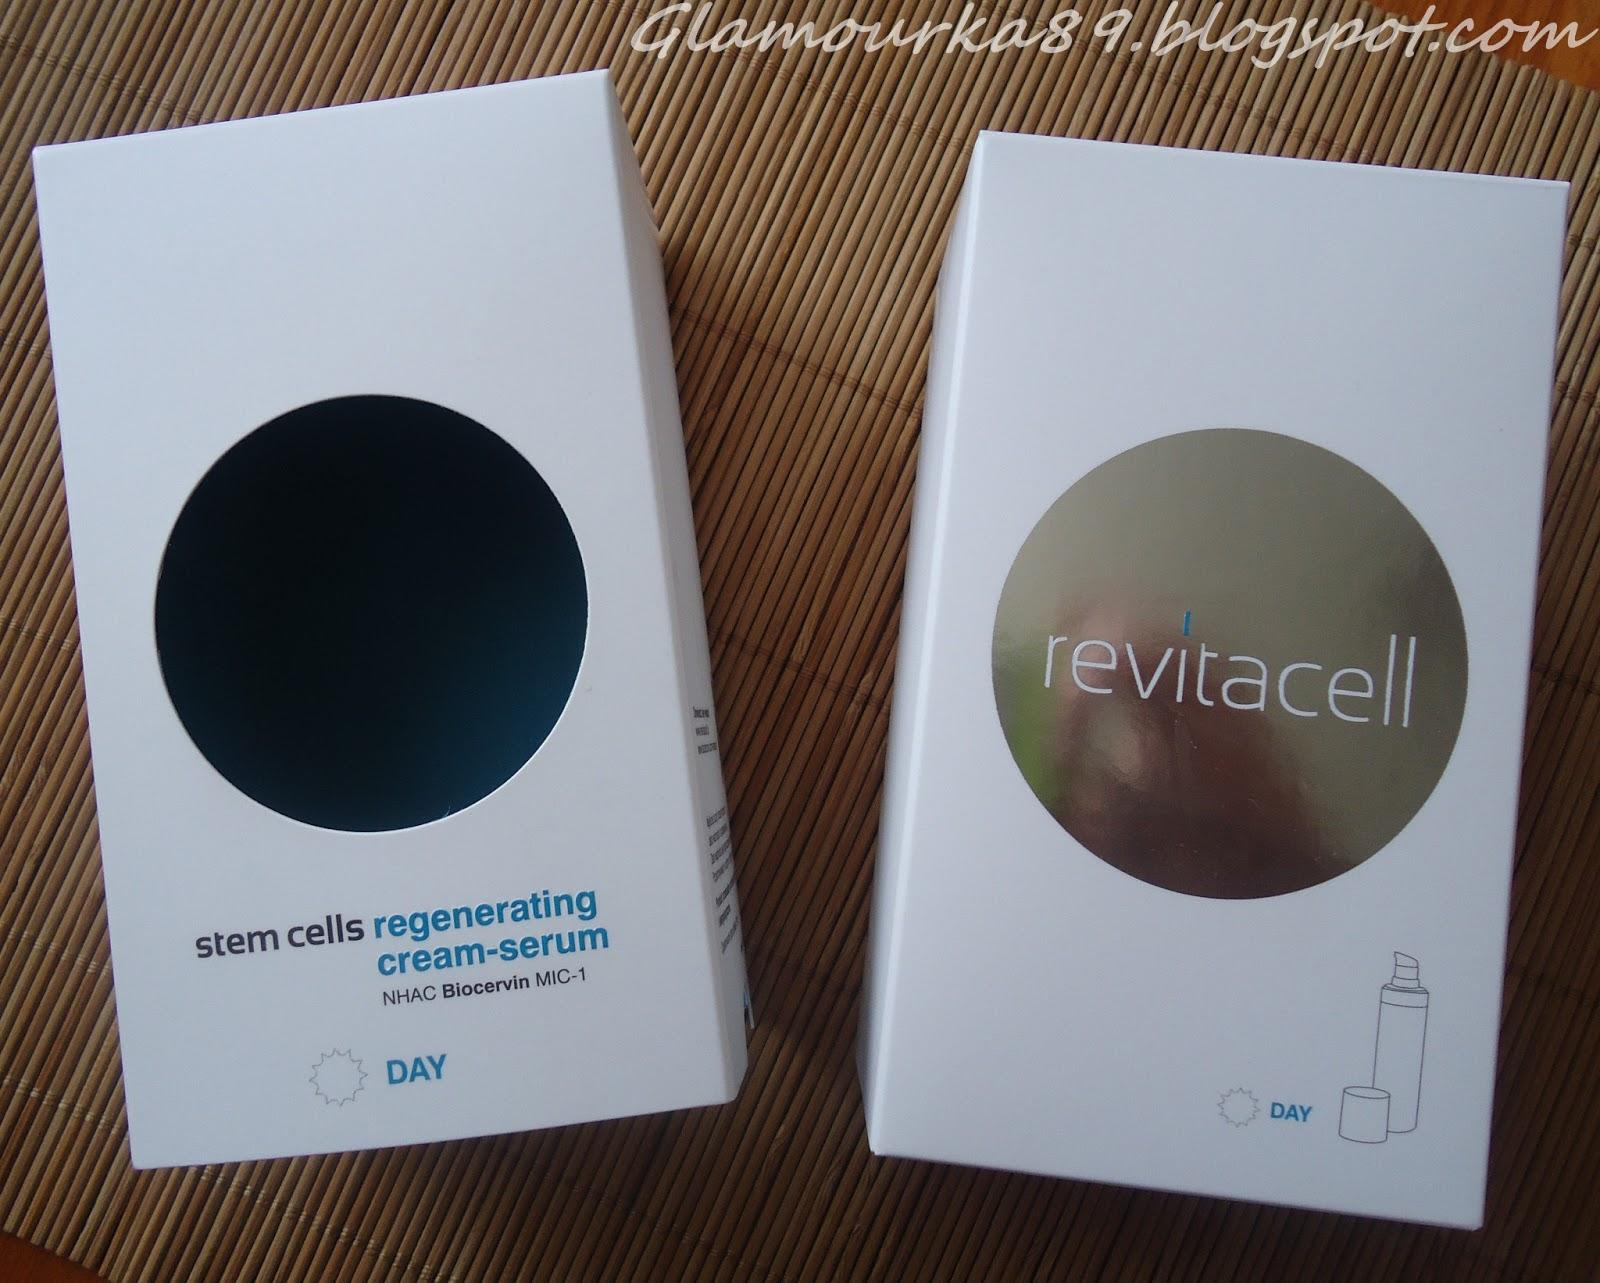 Glamourka89: Revitacell Stem Cells Regenerating Cream..